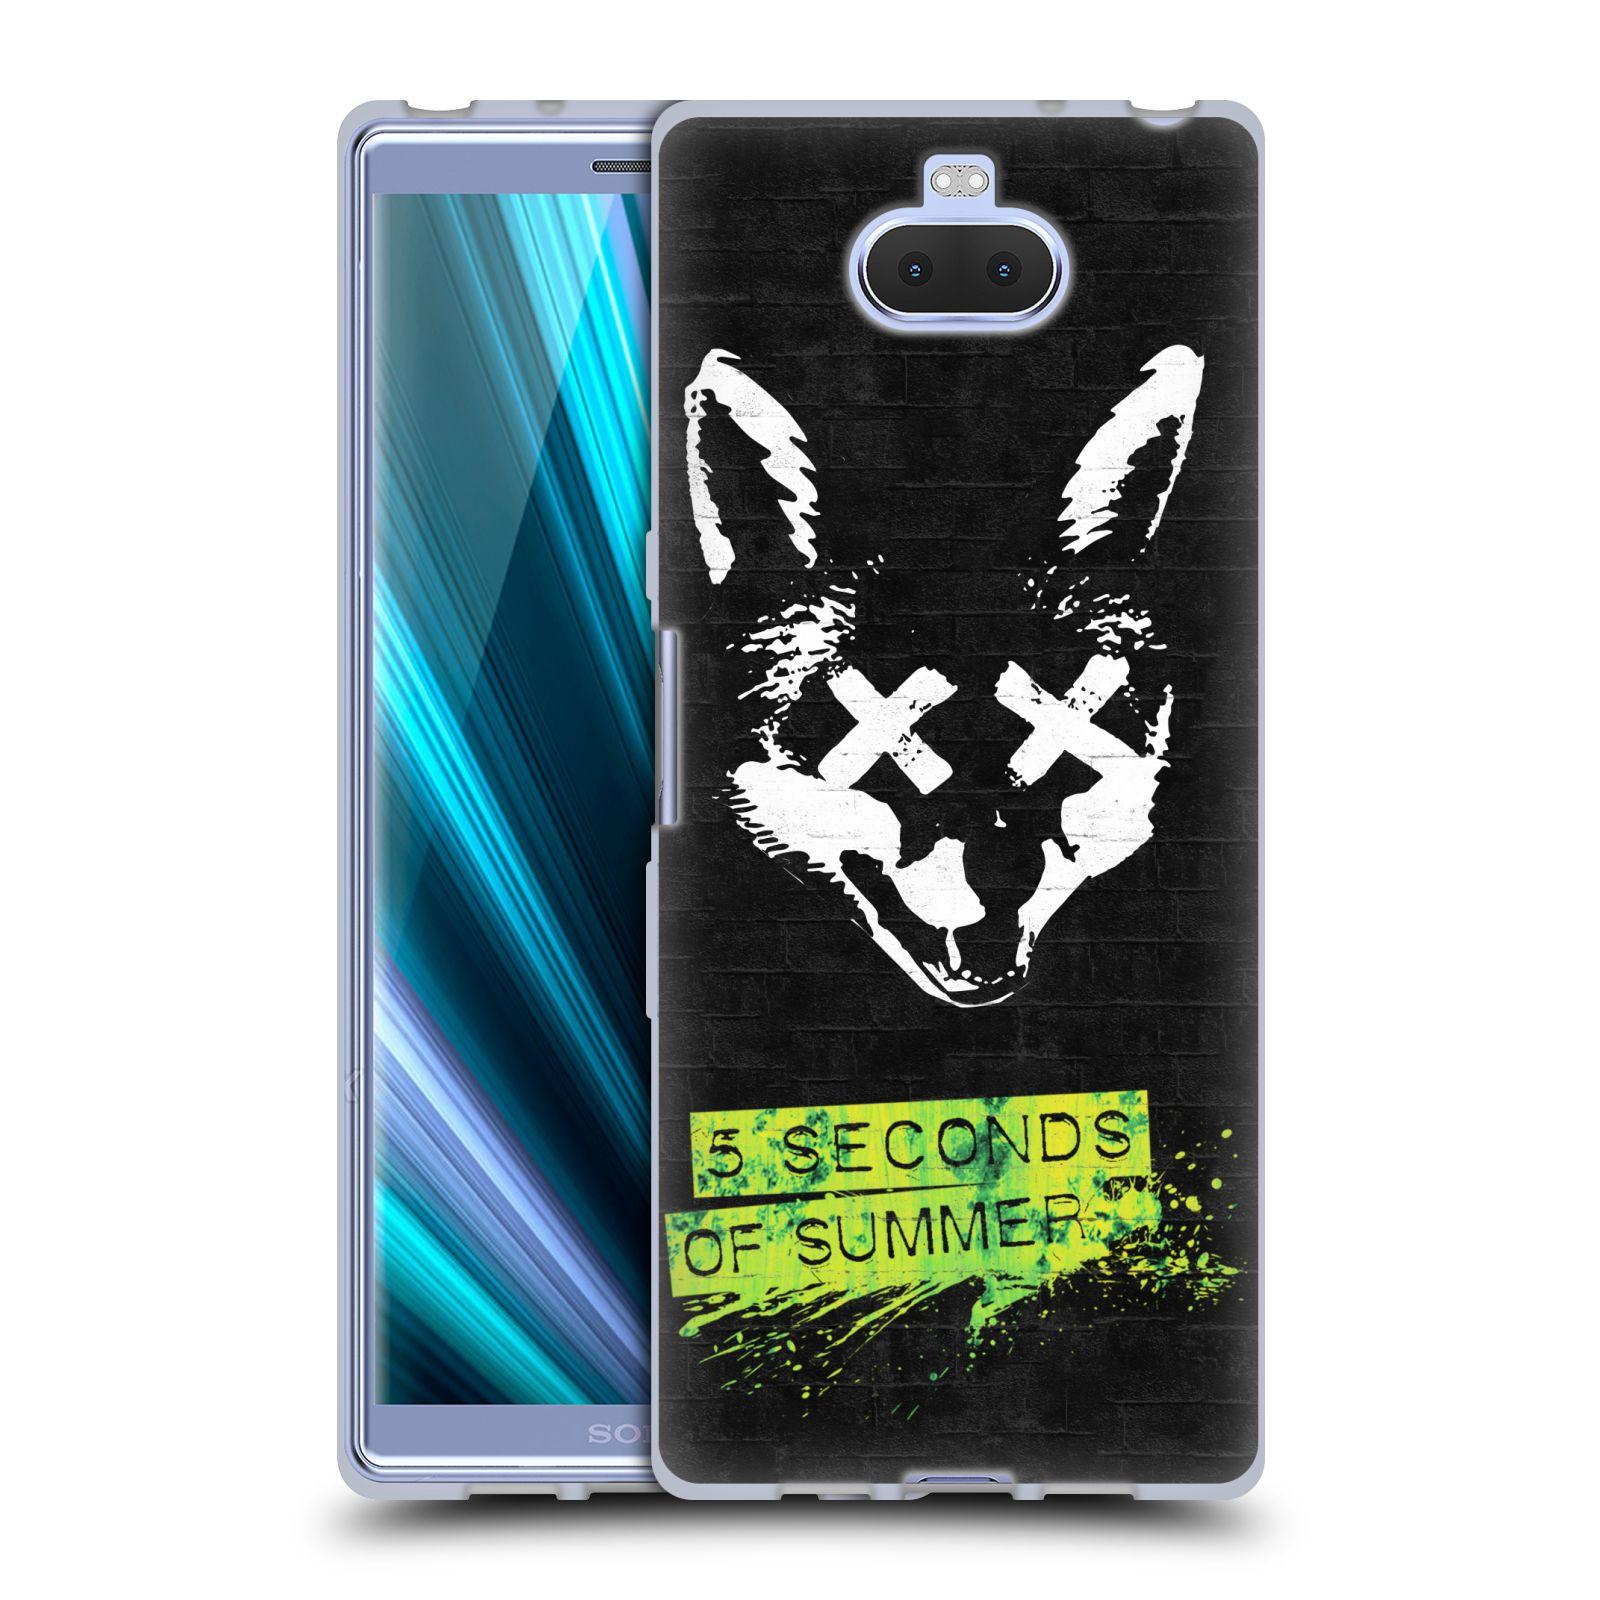 Silikonové pouzdro na mobil Sony Xperia 10 - Head Case - 5 Seconds of Summer - Fox